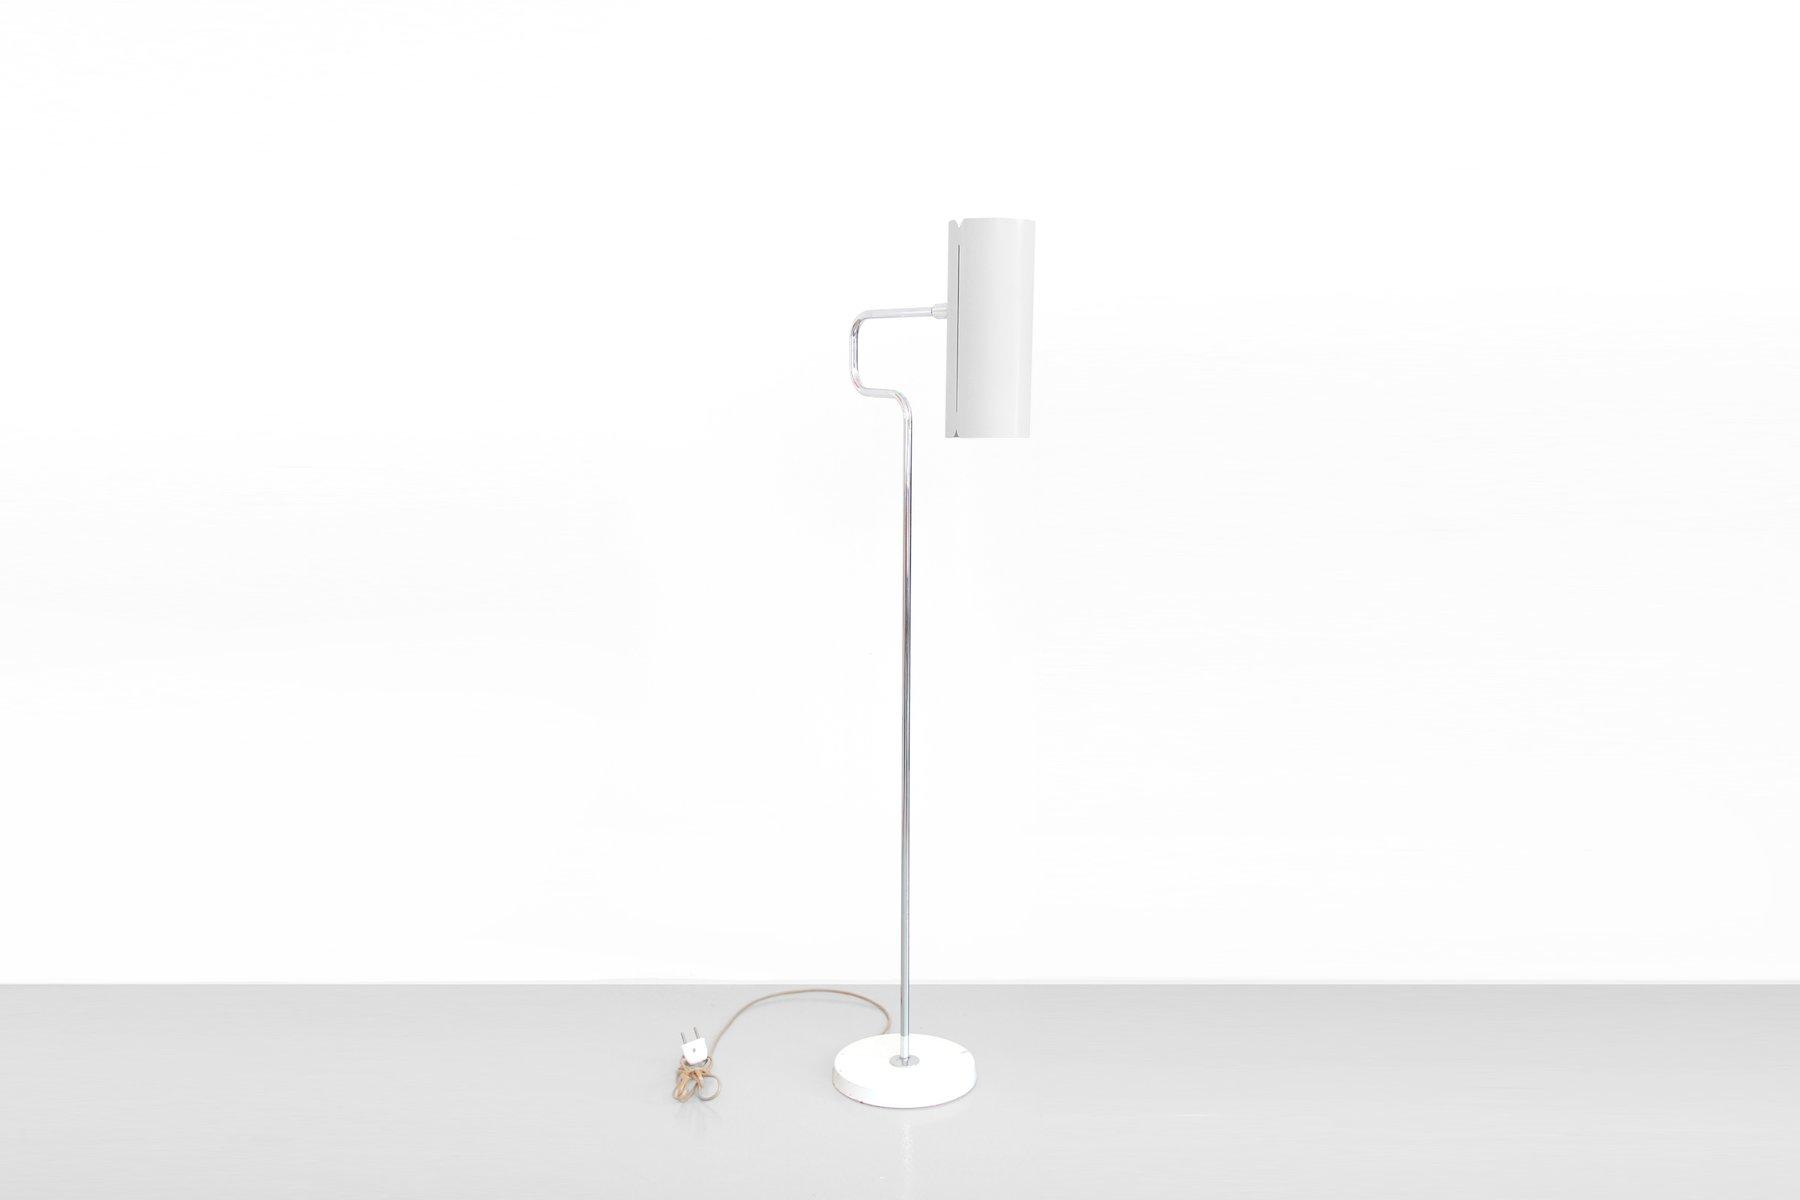 wei e skandinavische stehlampe von bergboms f r asea bei. Black Bedroom Furniture Sets. Home Design Ideas